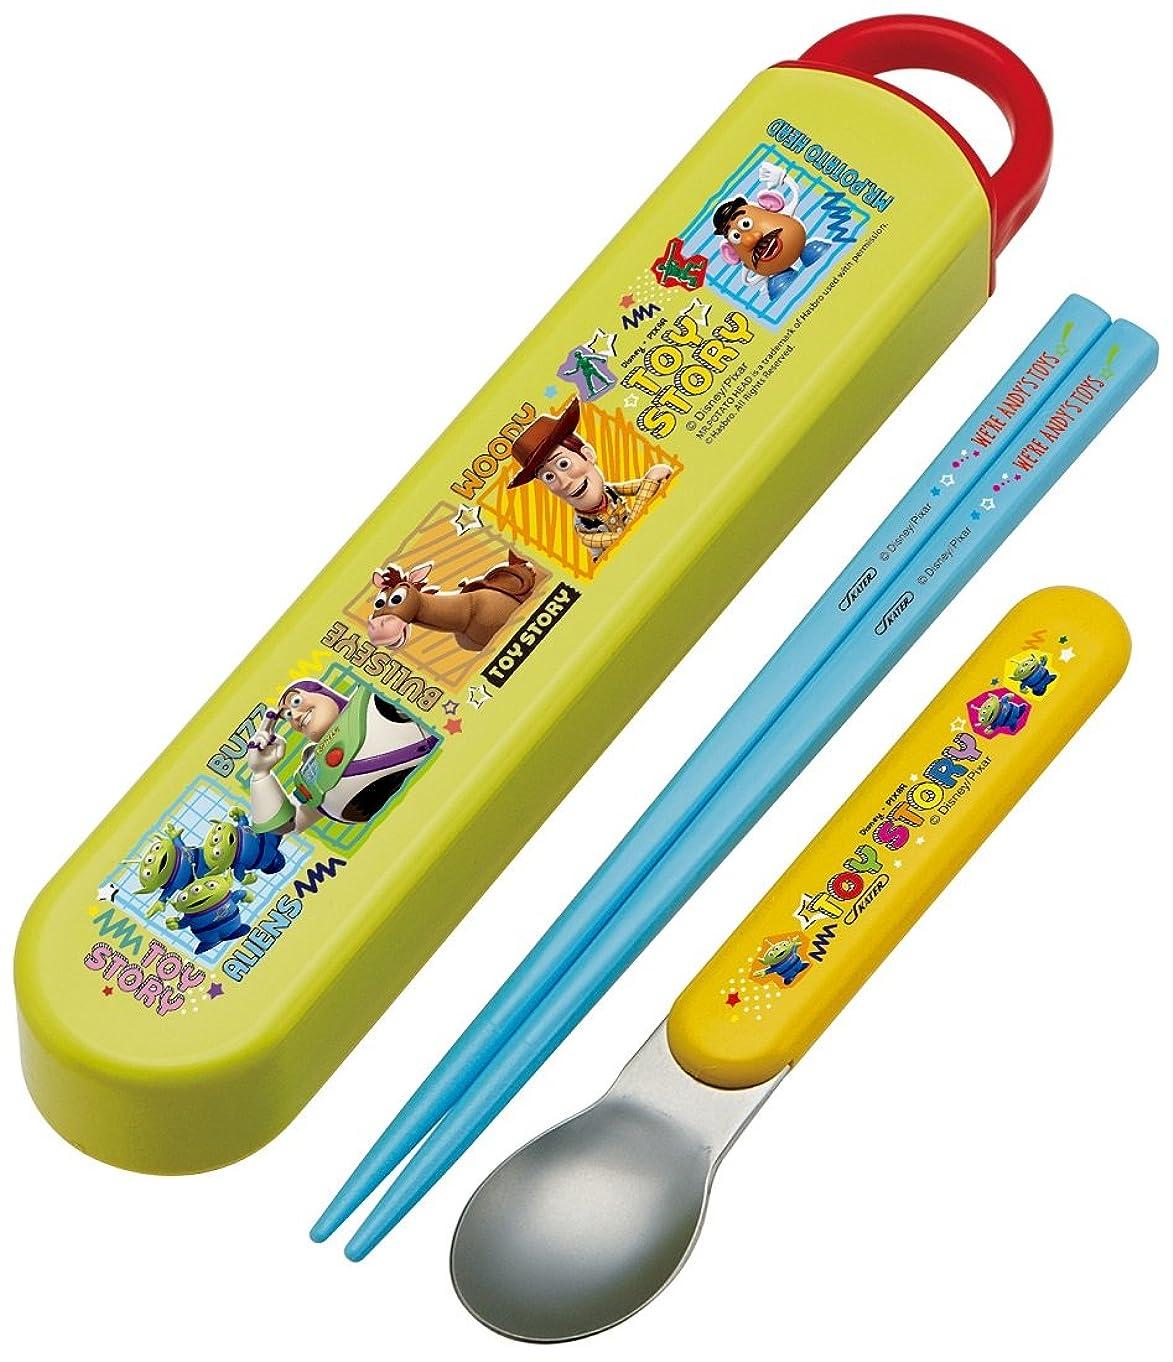 綺麗な雑種ペアスケーター 子供用 箸 スプーン セット トイ?ストーリー ディズニー 日本製 CAC2AM